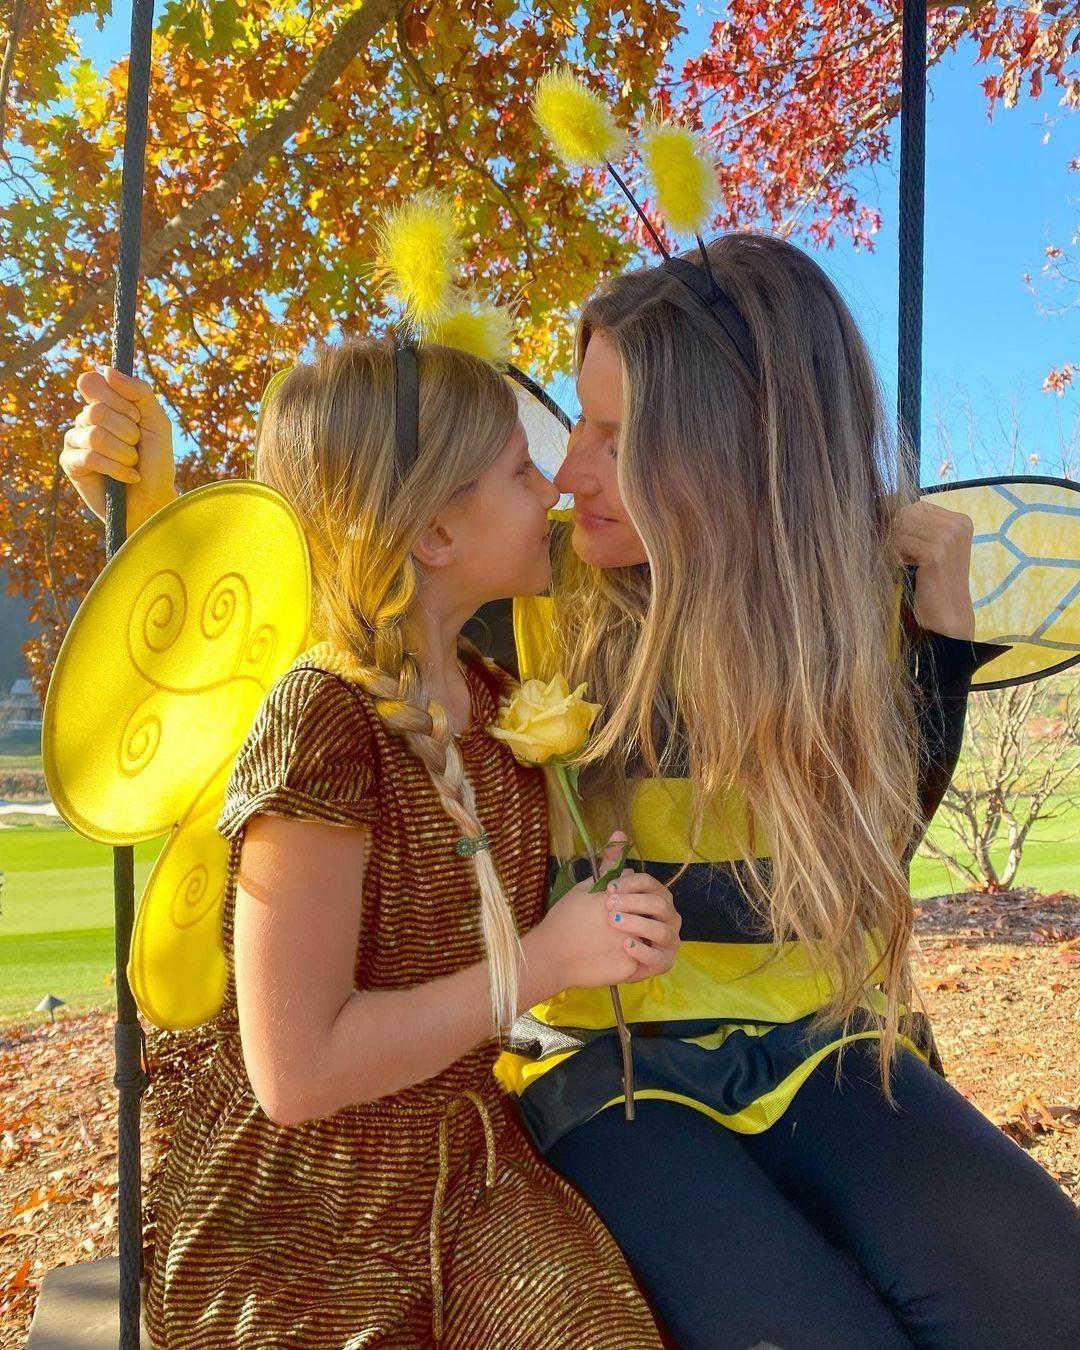 Gisele postou foto ao lado da filha e com mensagem ecológica